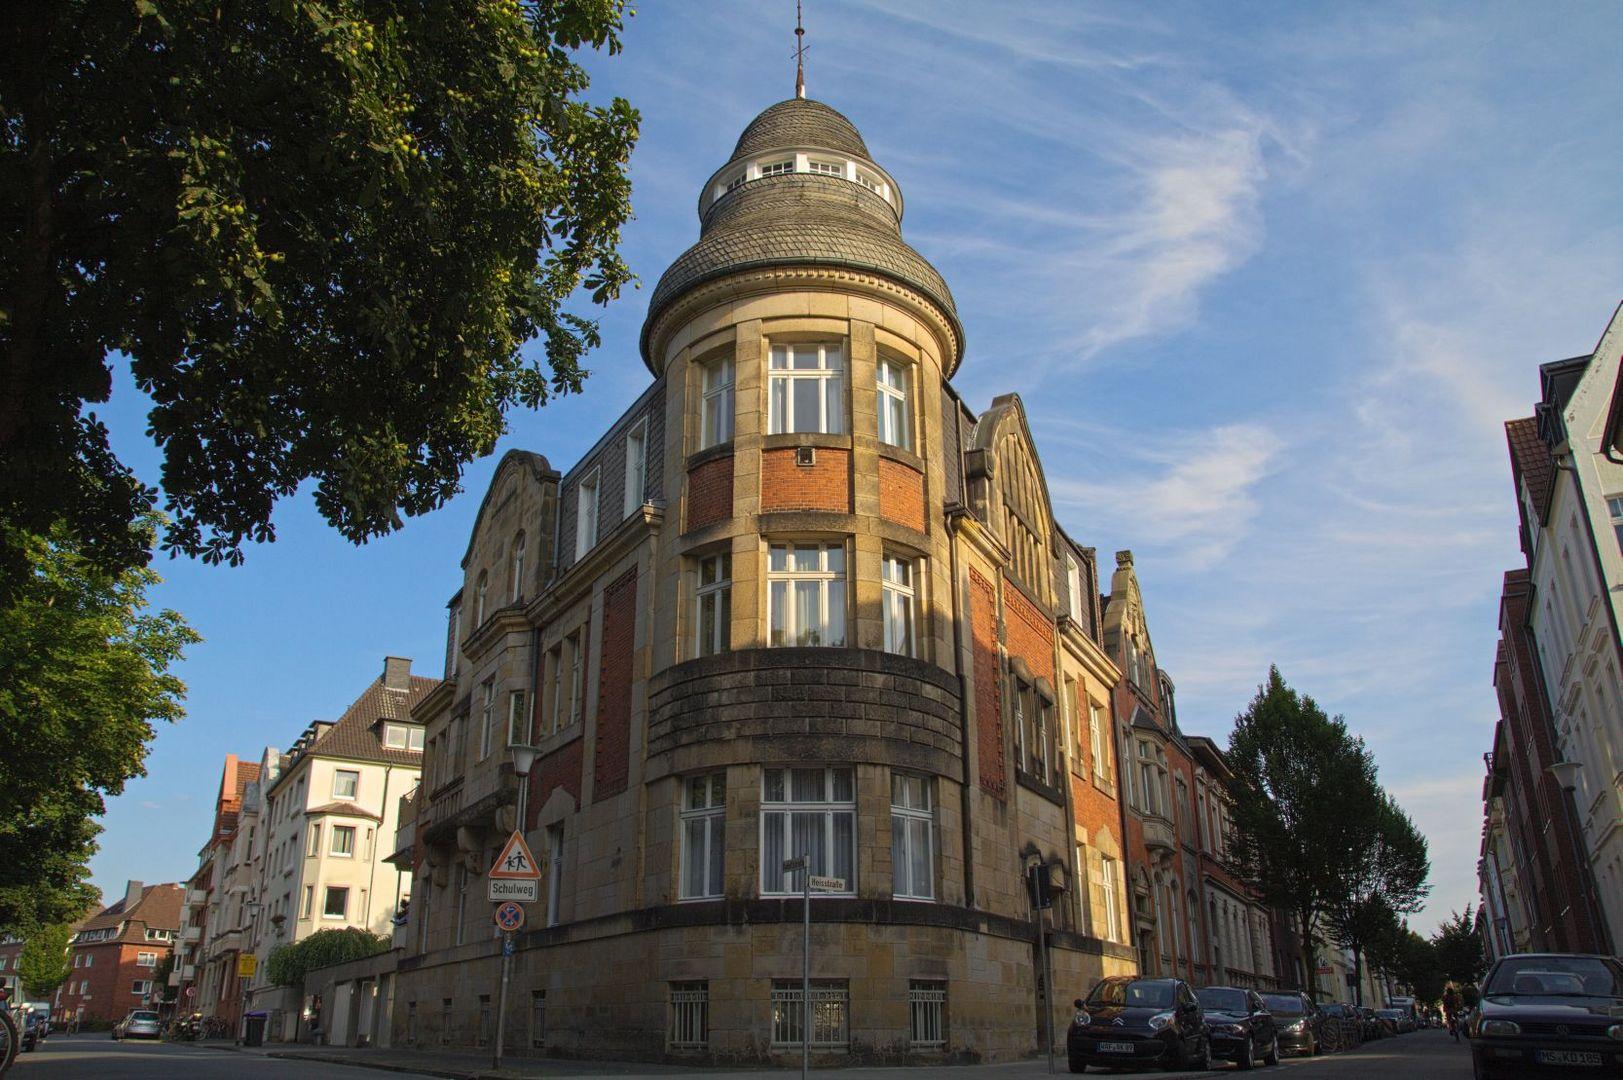 Gebäude in Münster